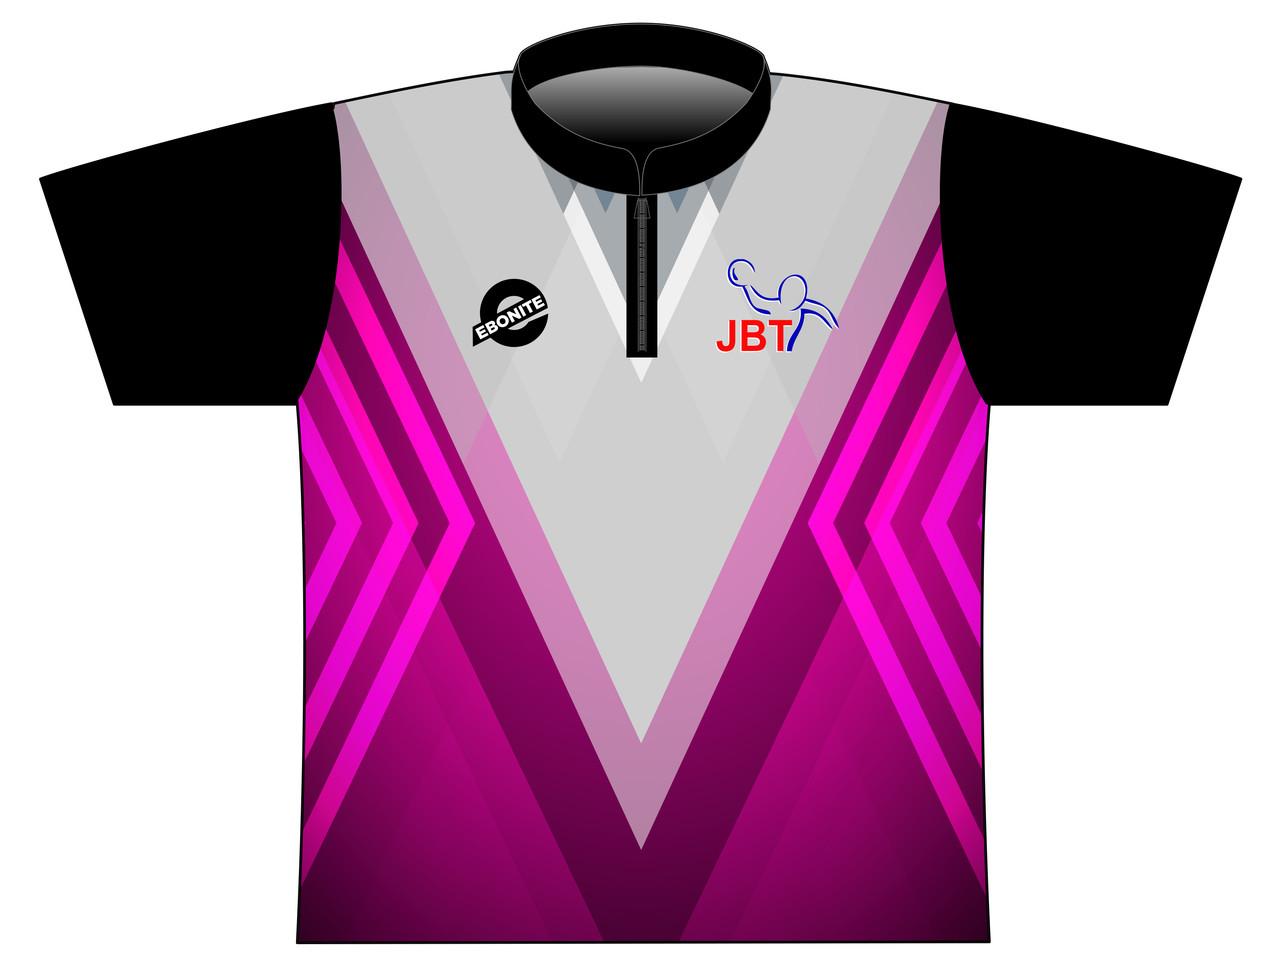 JBT DS Jersey - Style 2